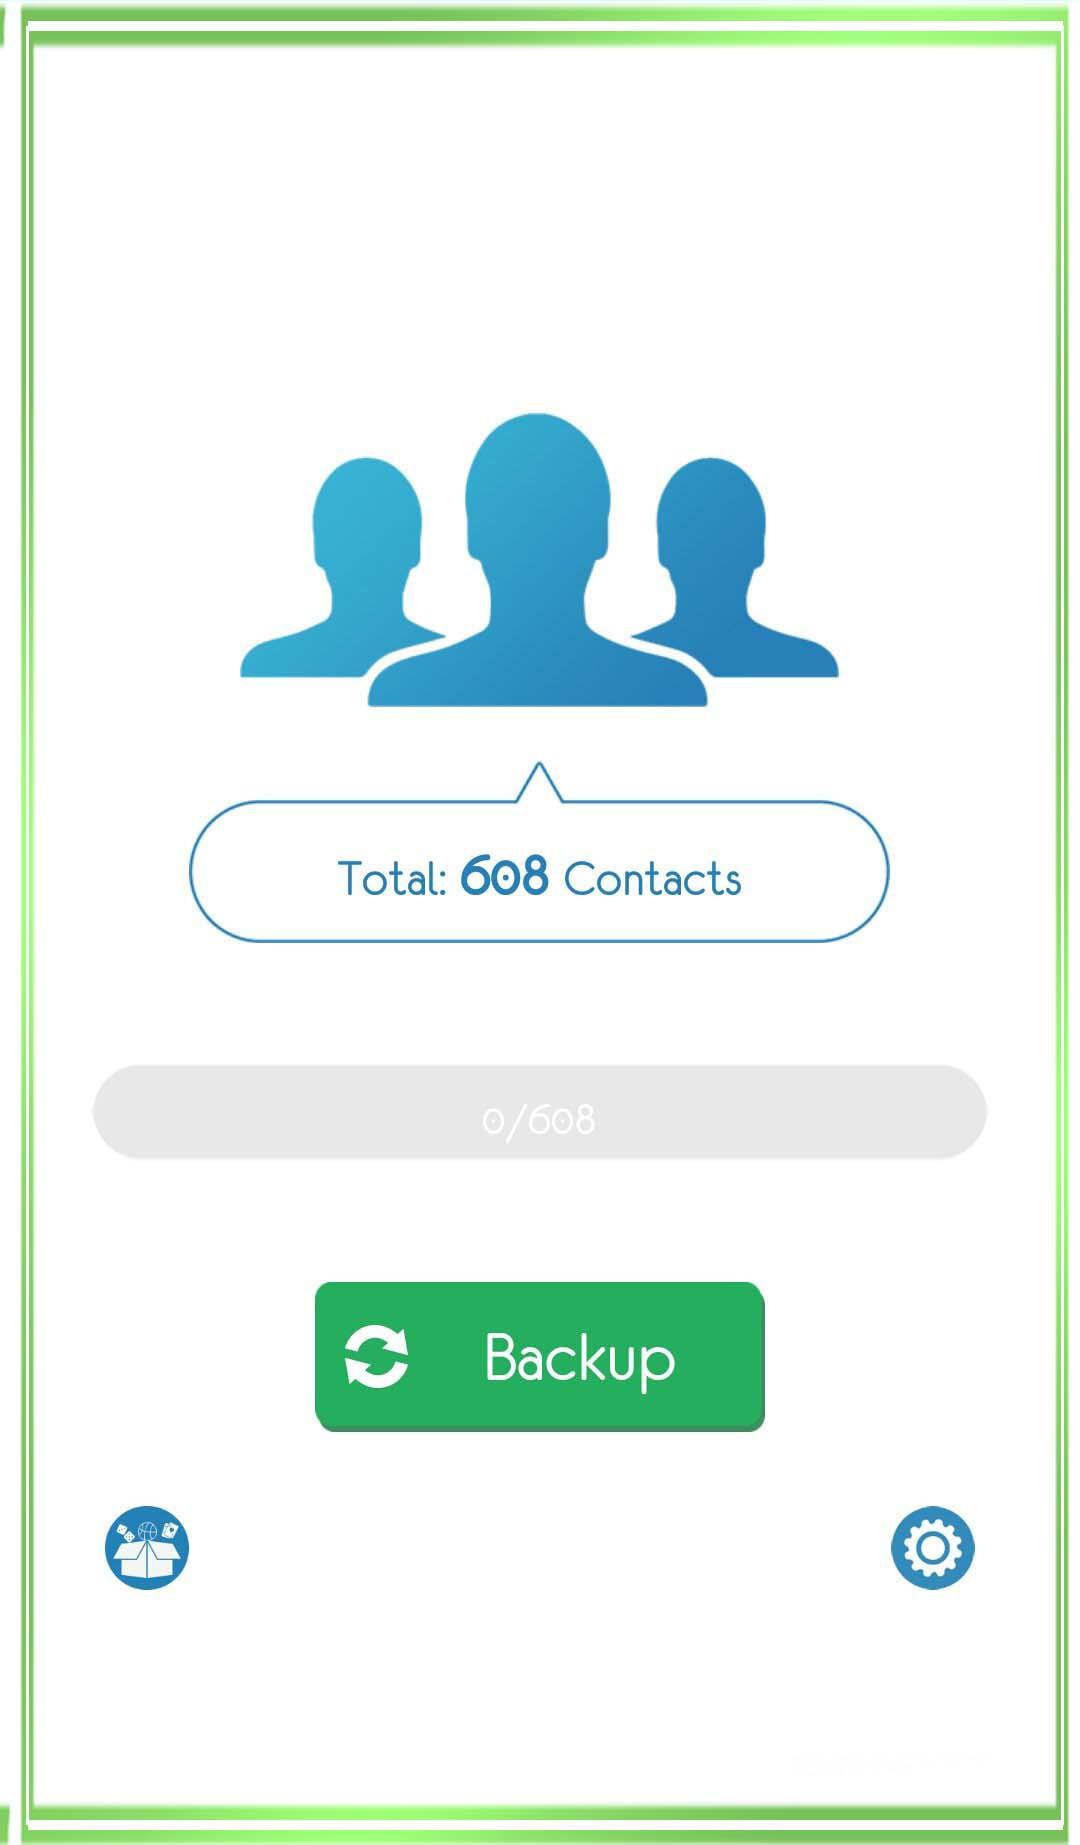 как с айфона импортировать контакты на андроид